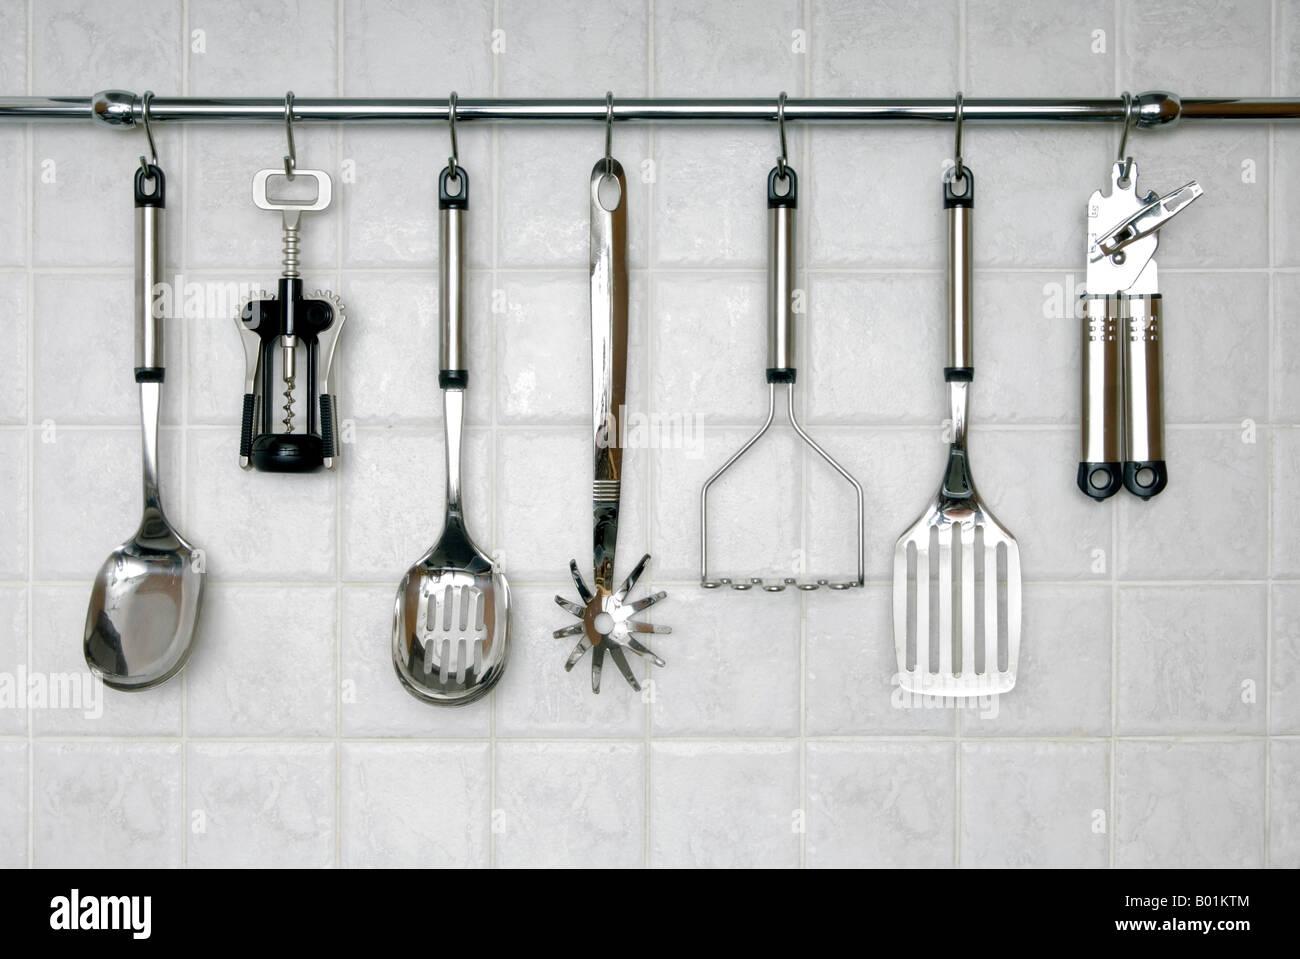 Utensilios de cocina de acero inoxidable colgado en un rack, con ...